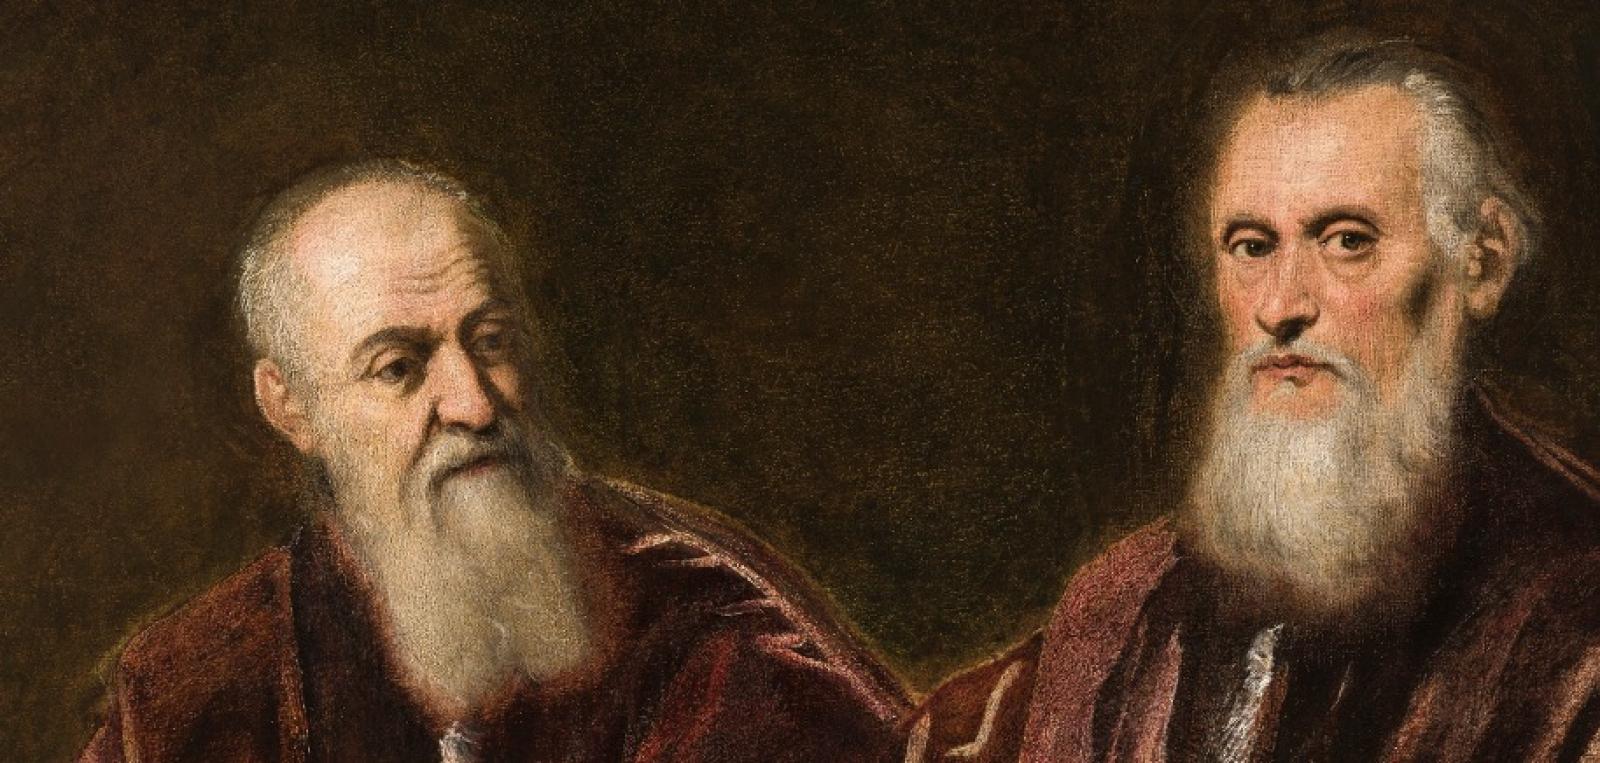 """Esposizione del restauro delle due tele """"Ritratto di due senatori"""" di Tintoretto"""